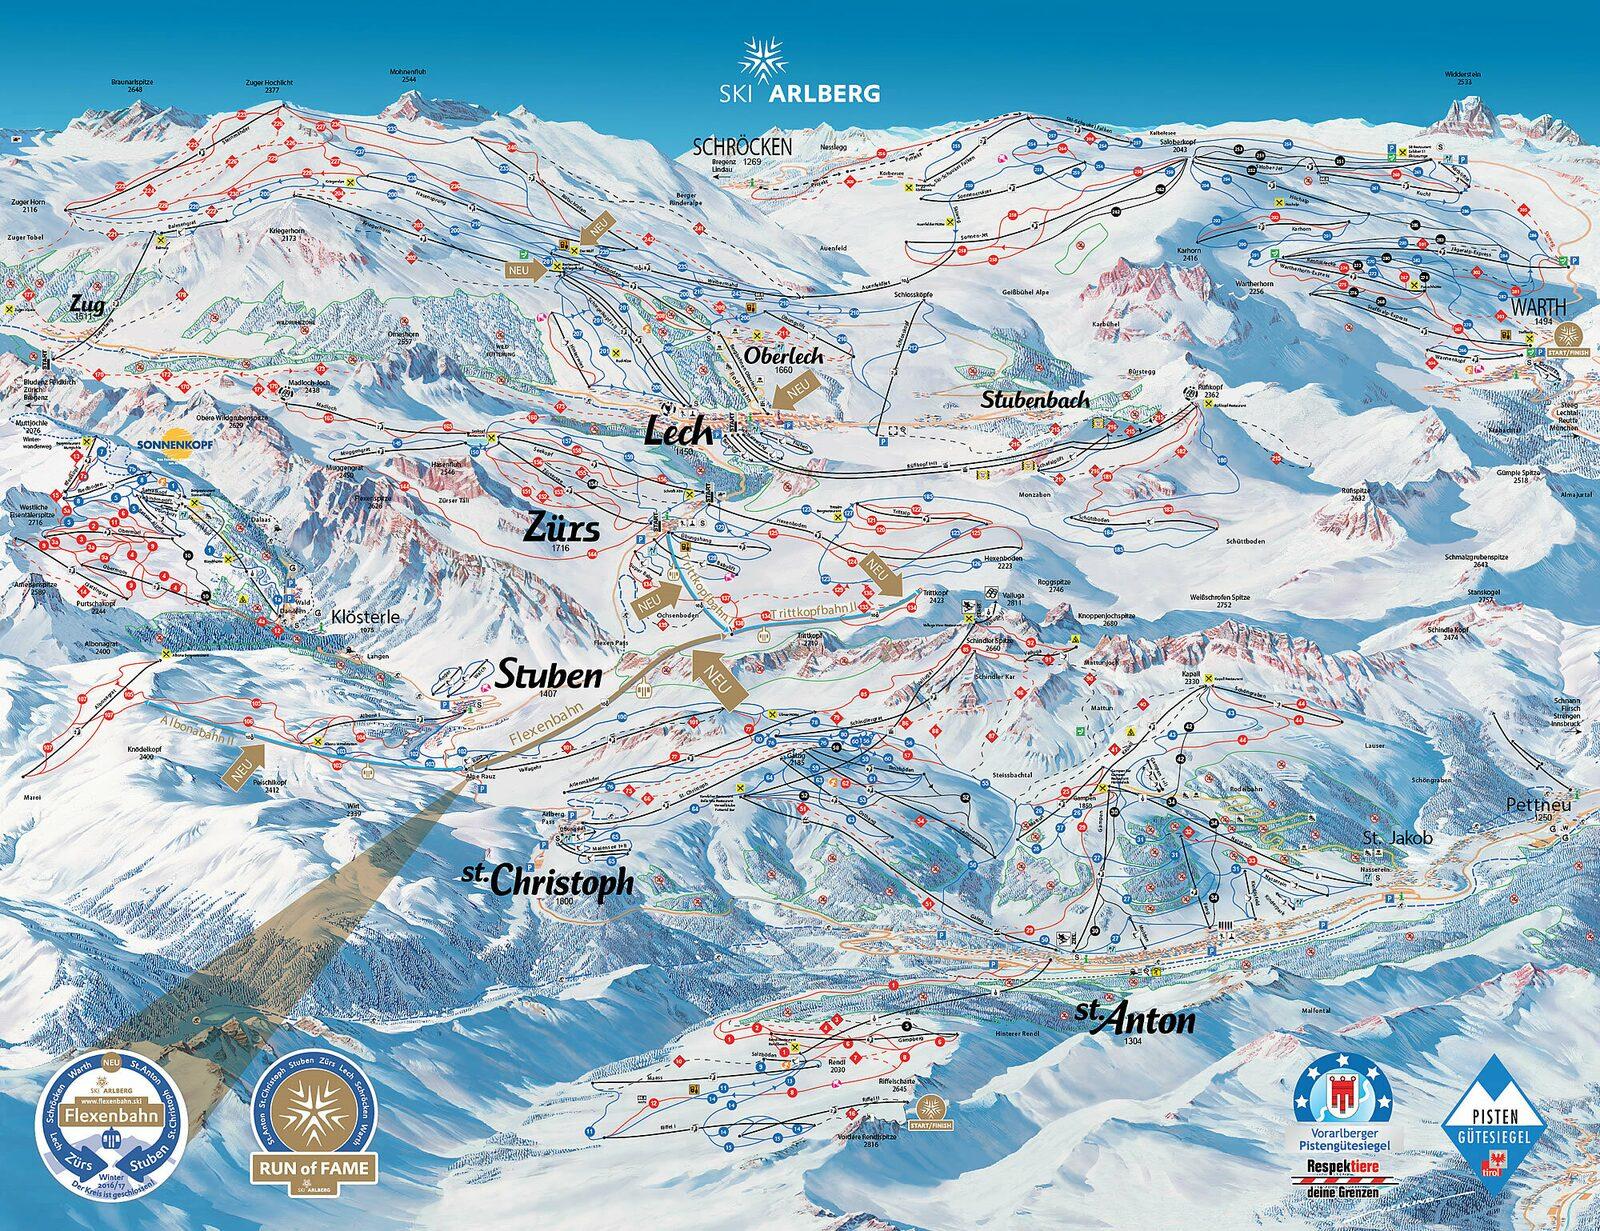 Pistekaart Ski Arlberg